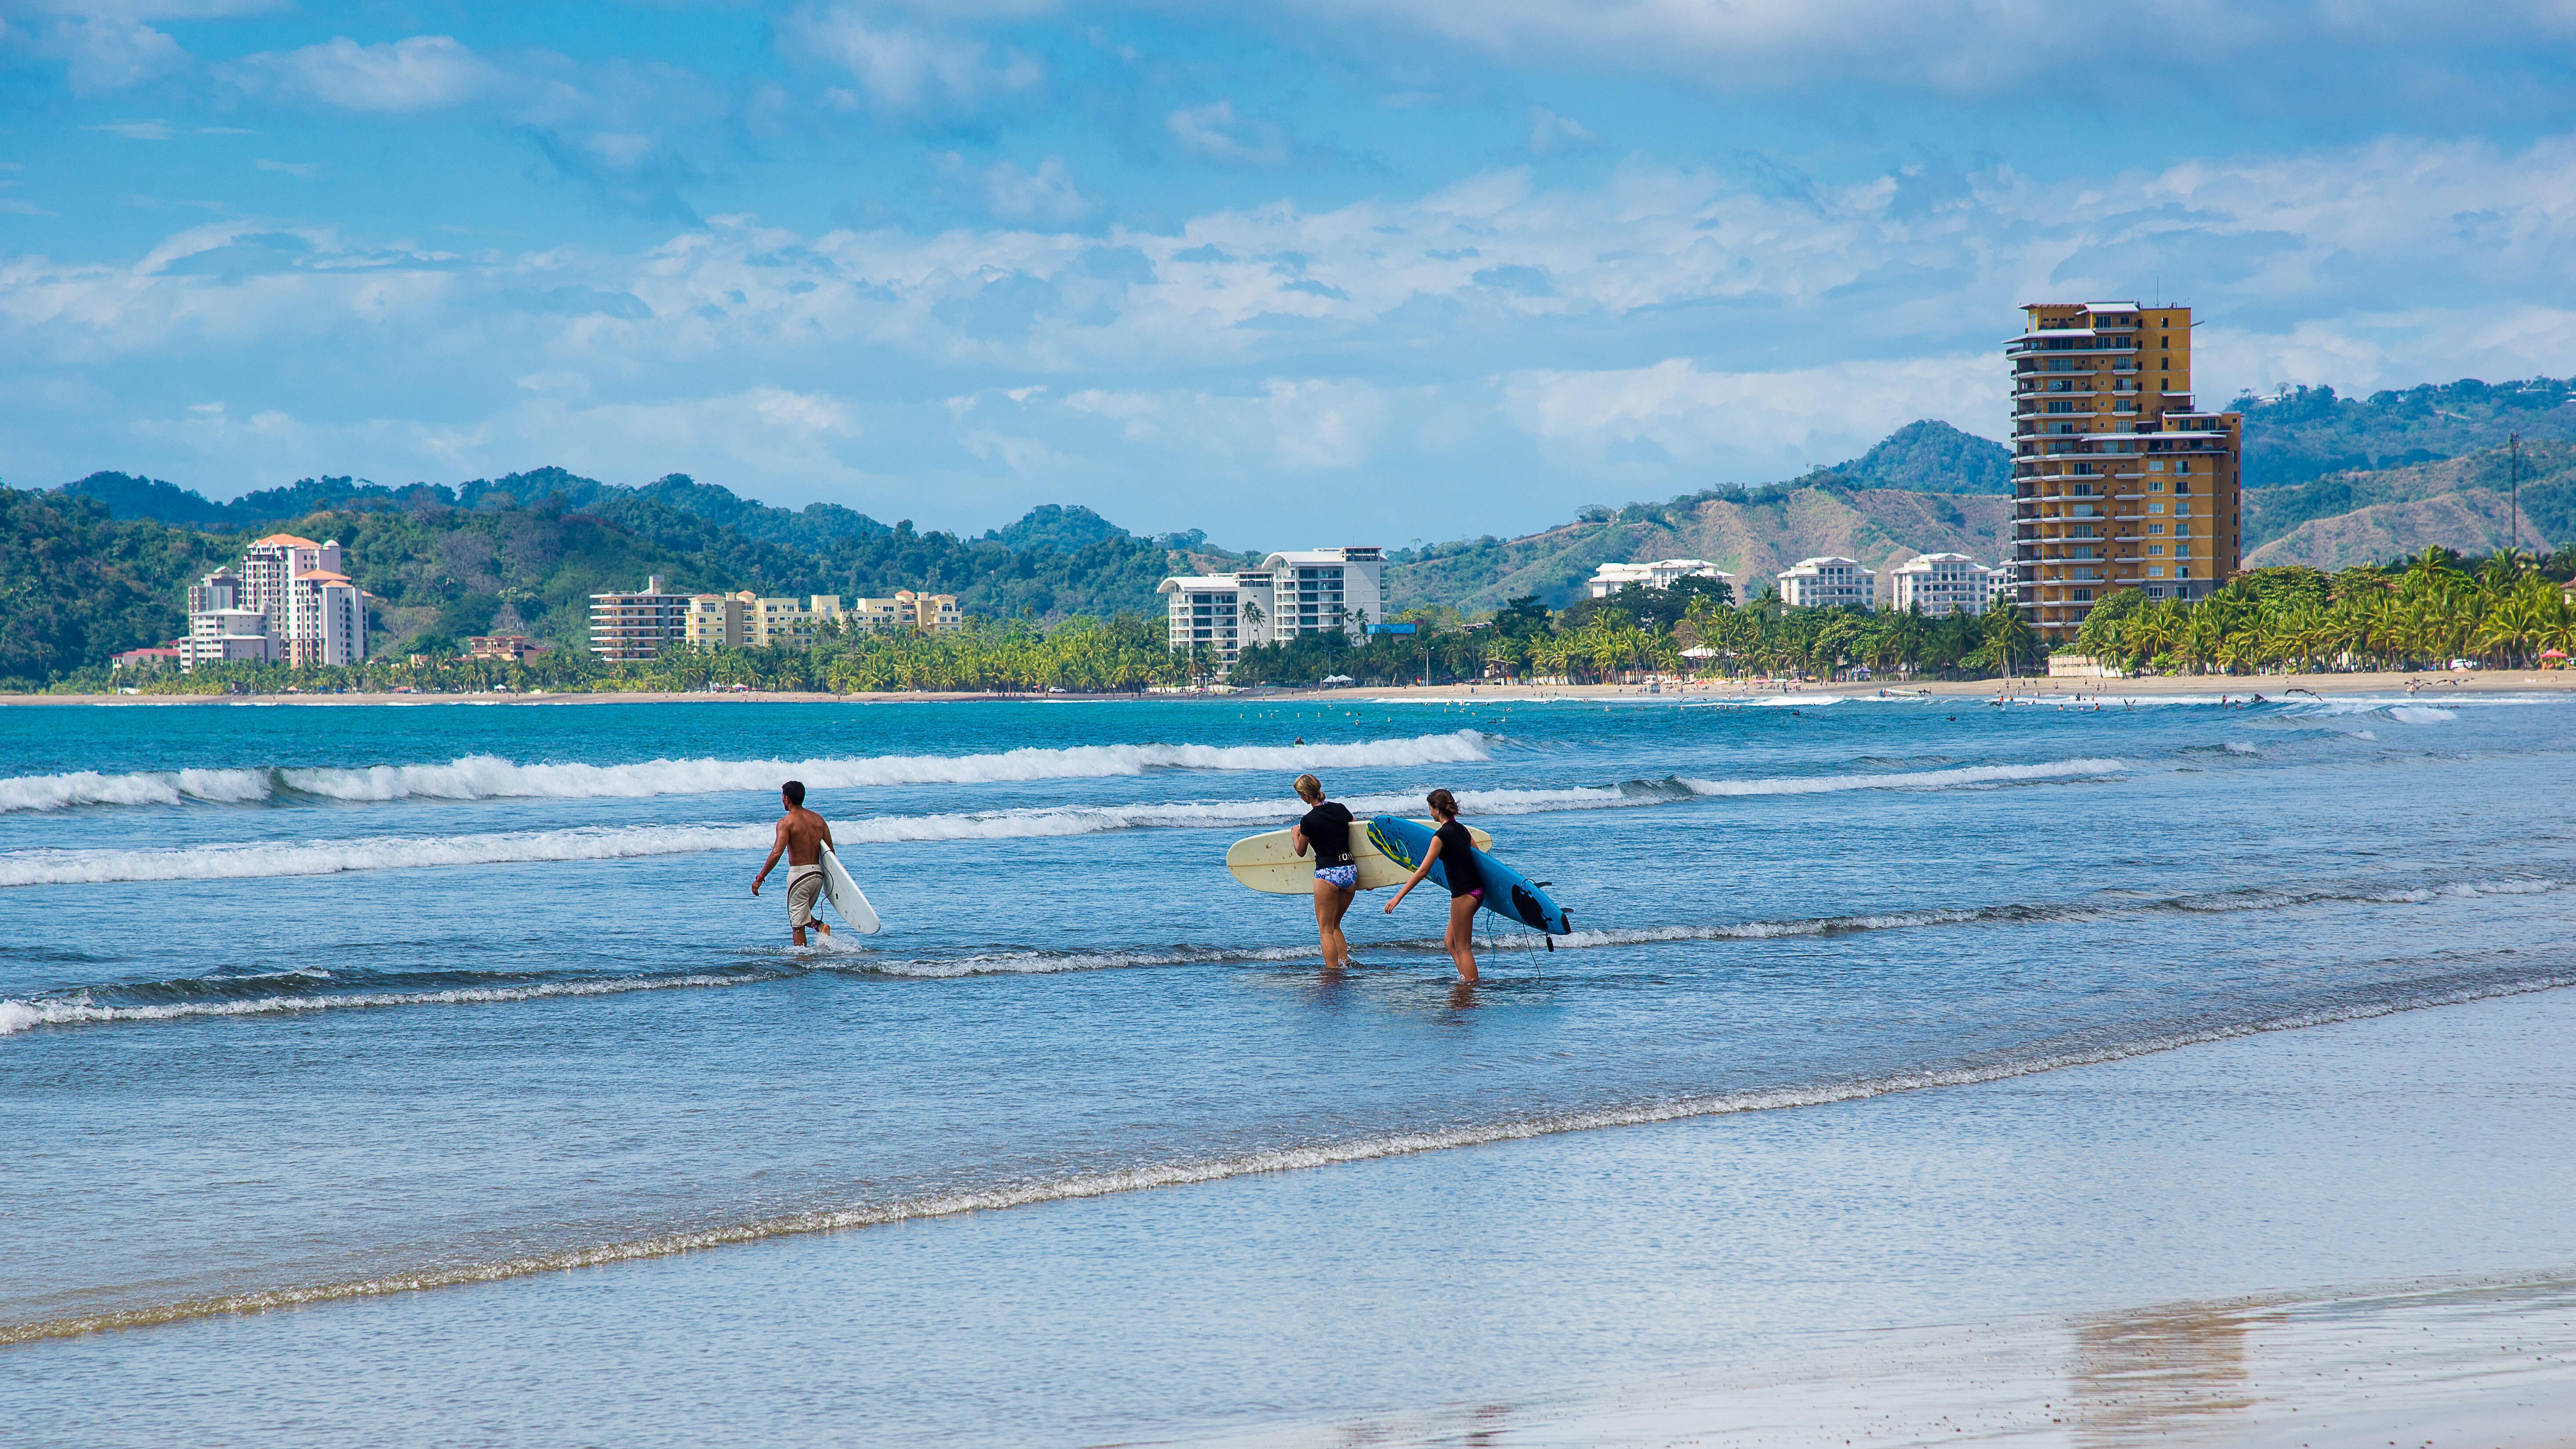 A praia de Jacó é uma das mais bem estruturadas para o surfe, e conta com aulas do esporte para os visitantes menos experientes. Foto: shutterstock